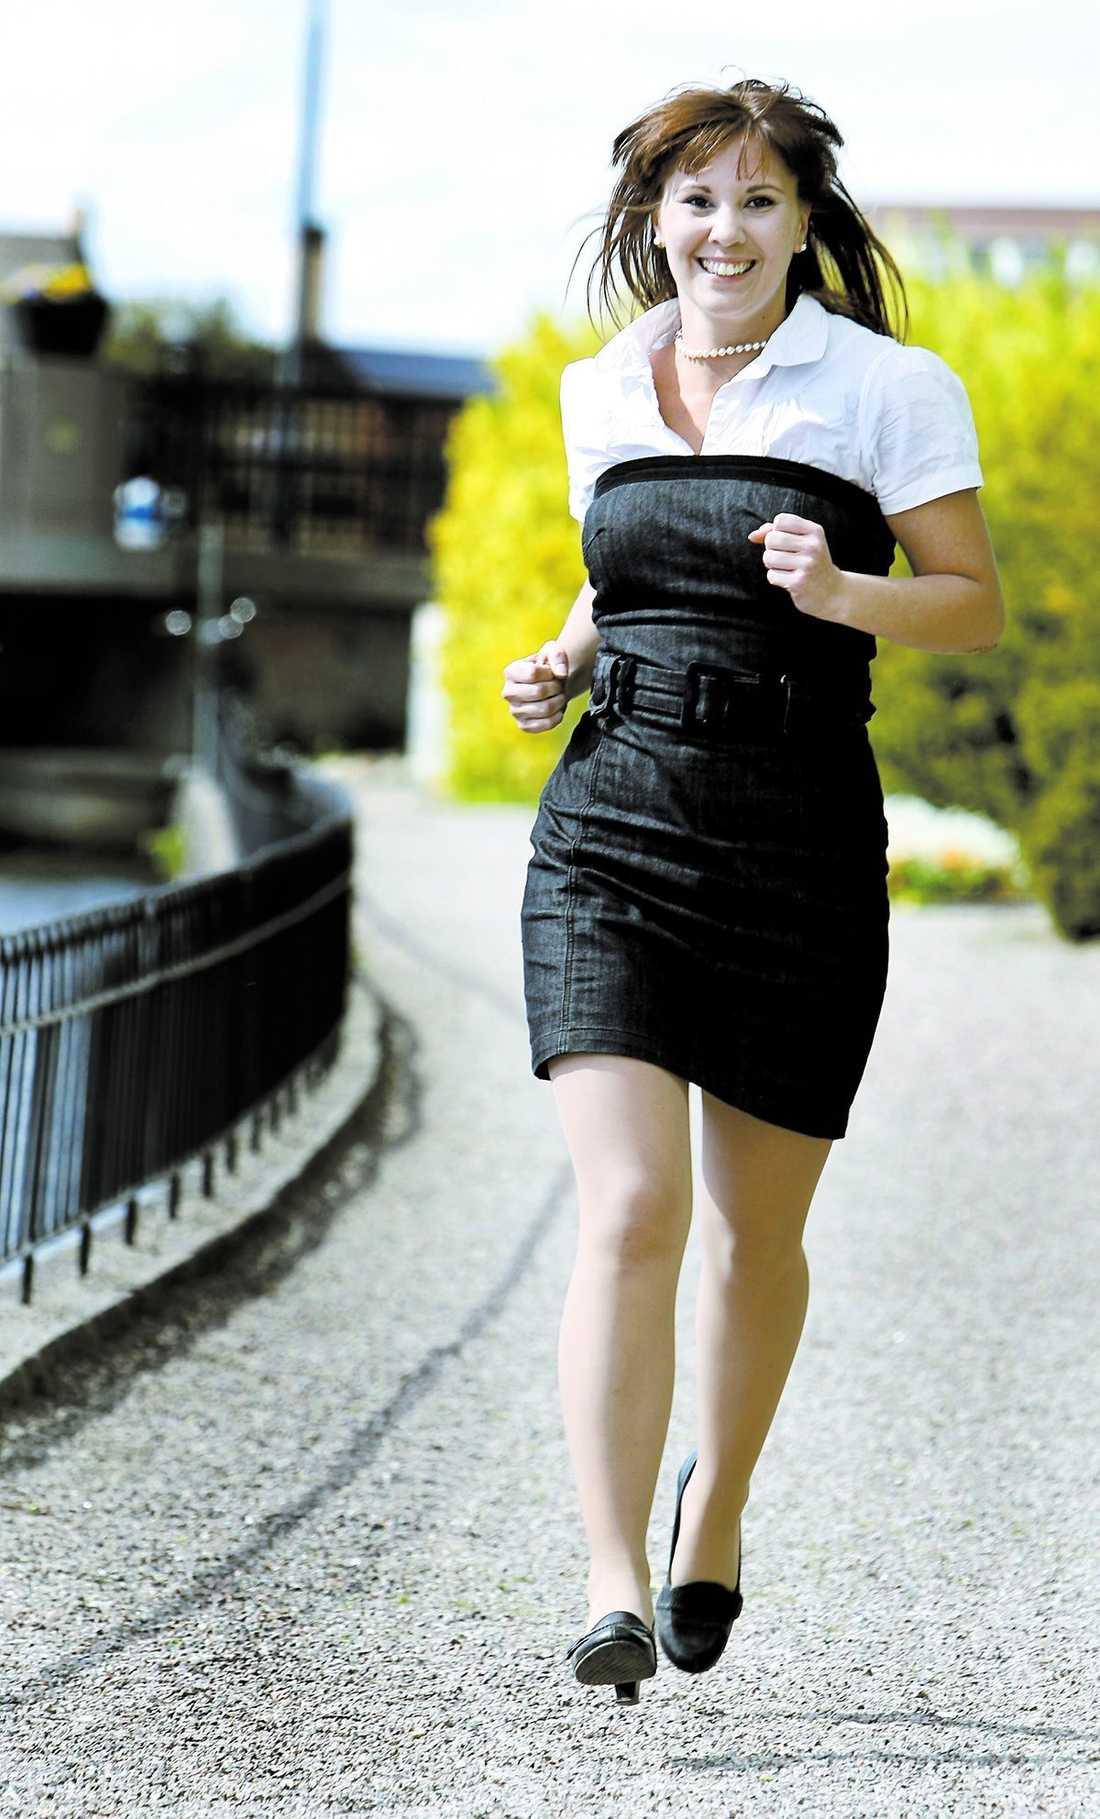 Jenny-Mariah Fagerlind vill ha jobb i kommunikationsbranschen.